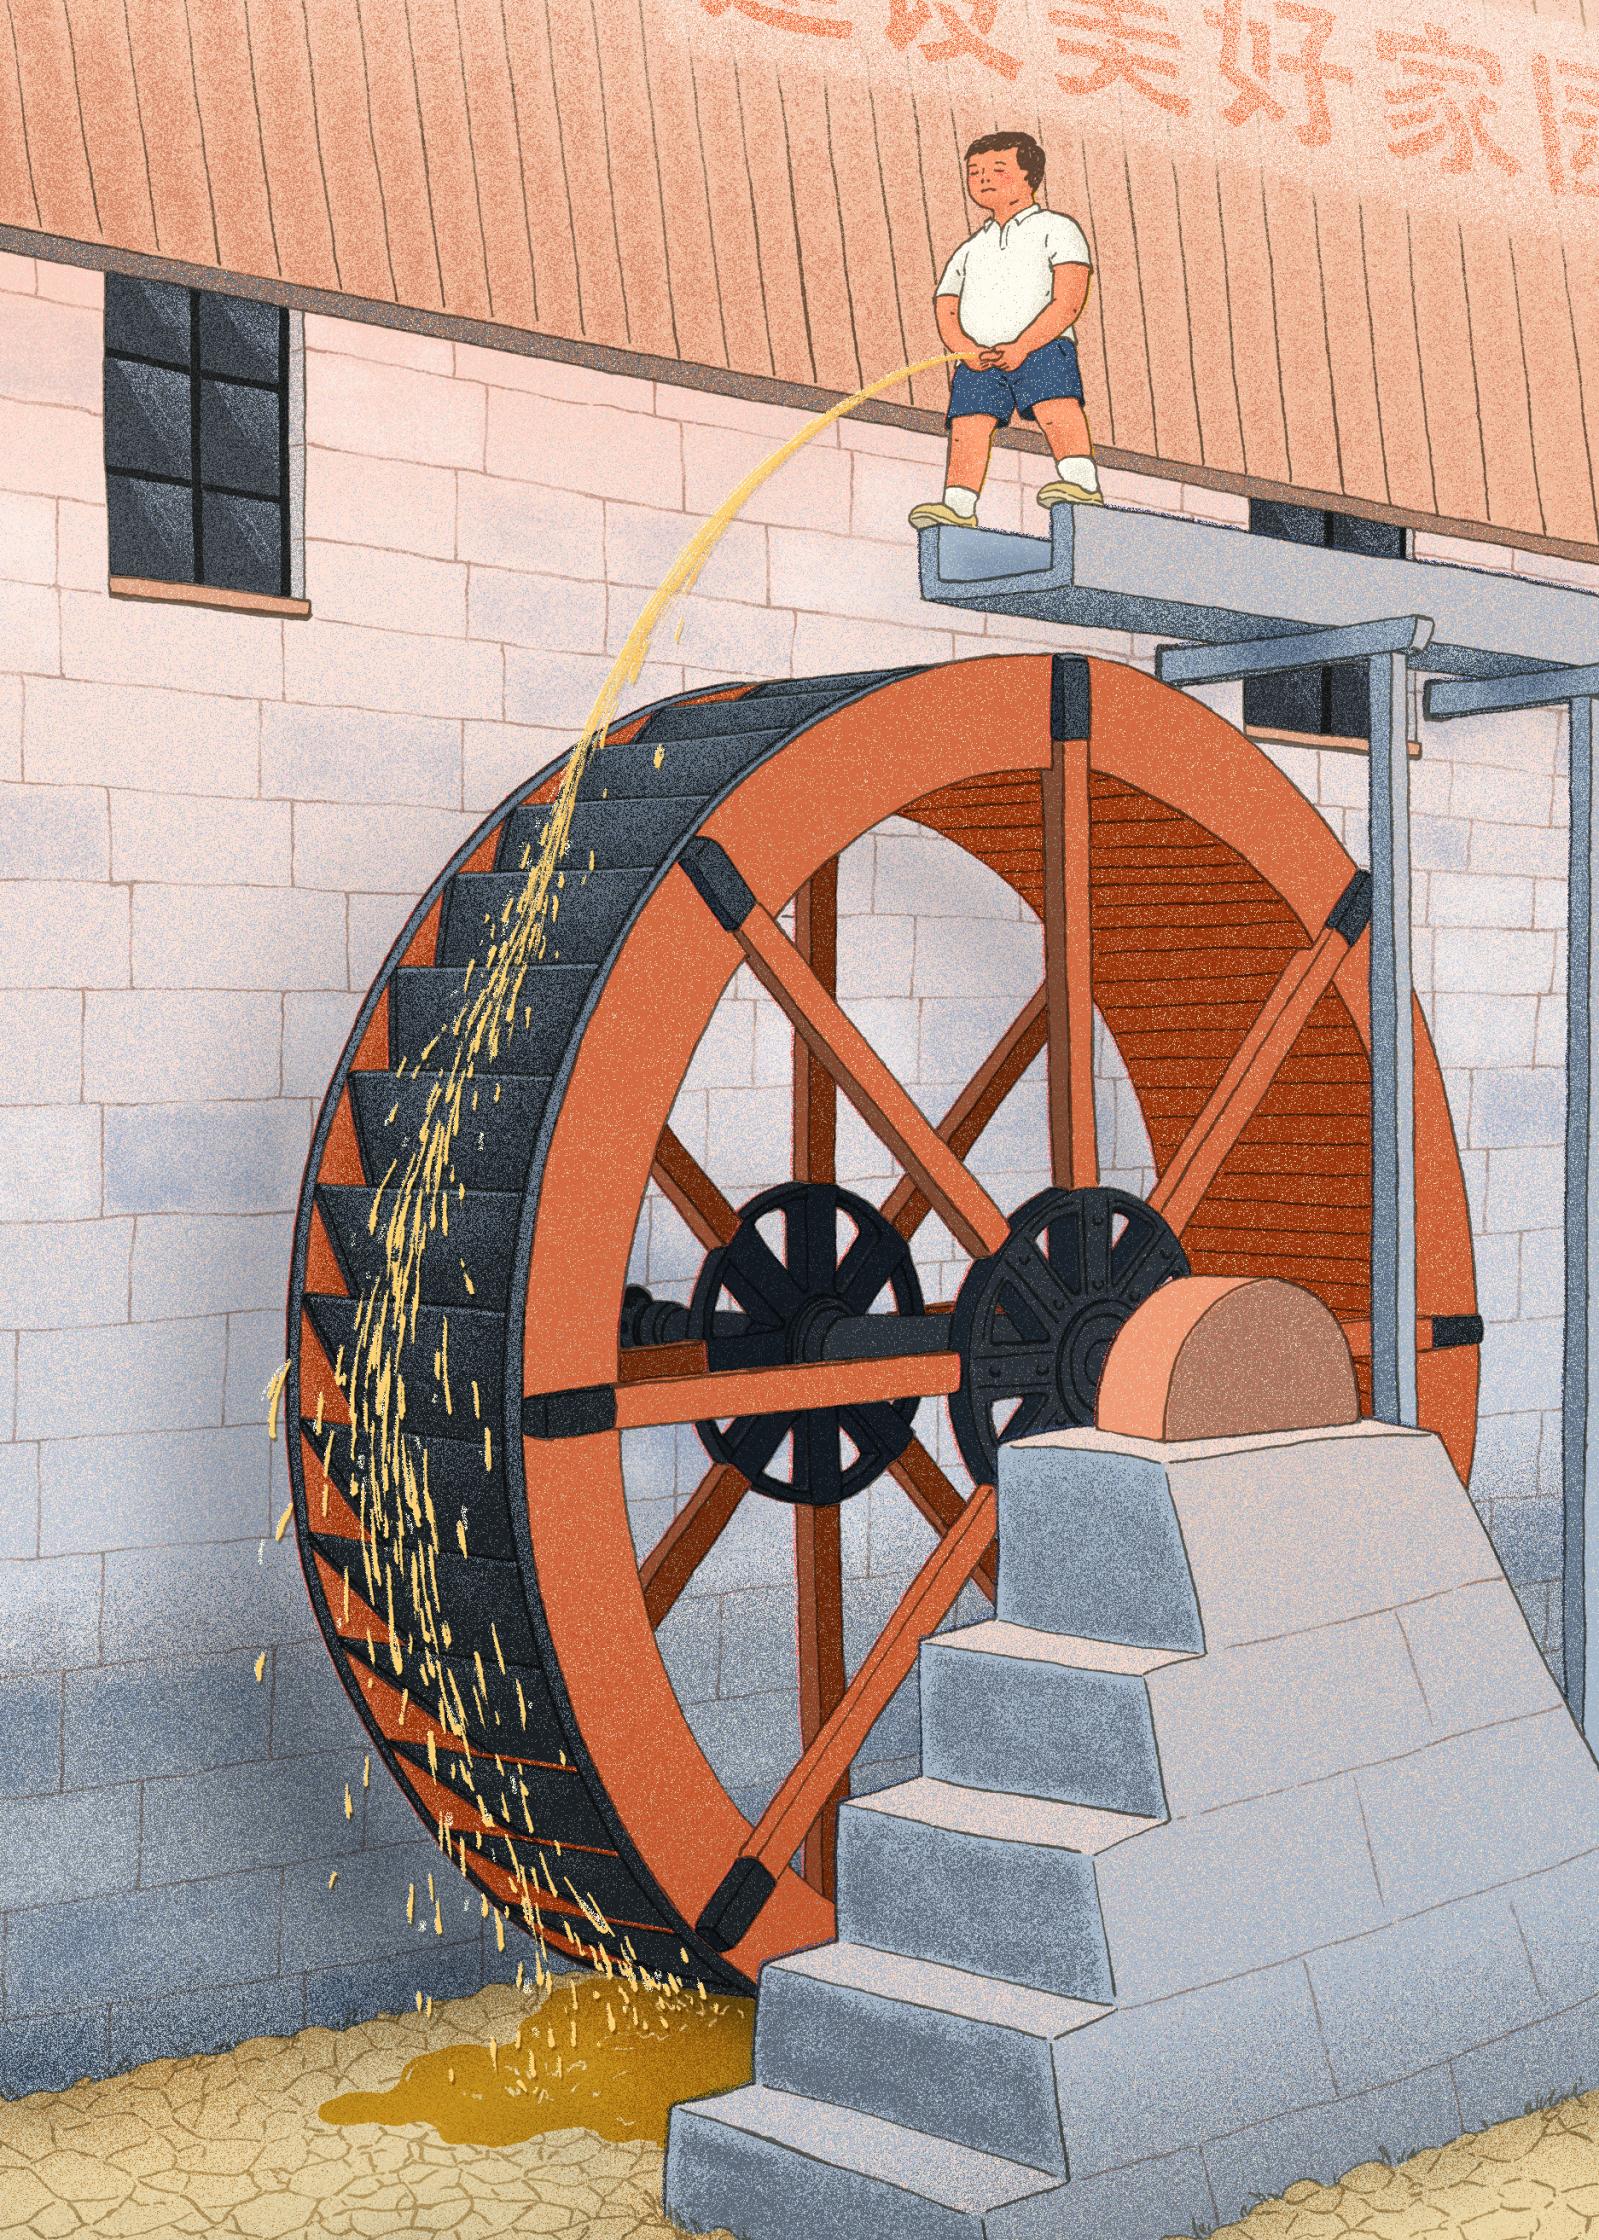 202000_Model Citizen Guidelines_14 water mill final.jpg